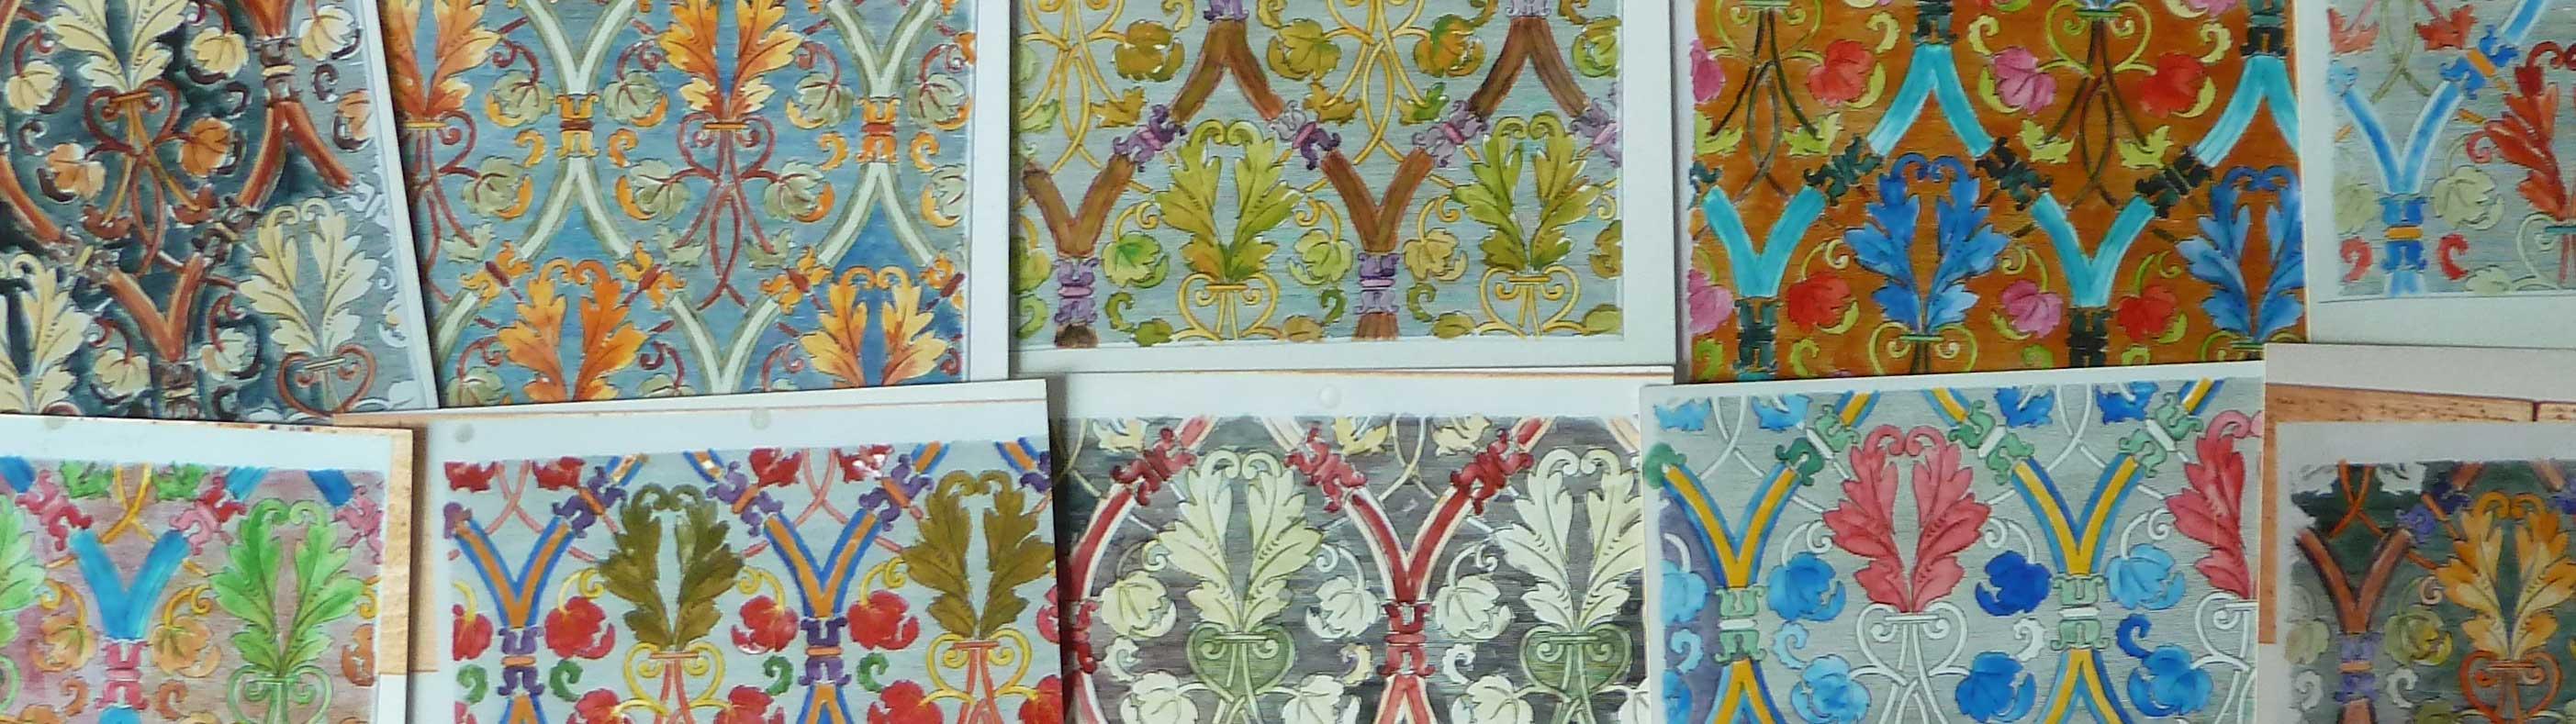 Zehn verschiedene Tapeten mit Farbgestaltung Designs